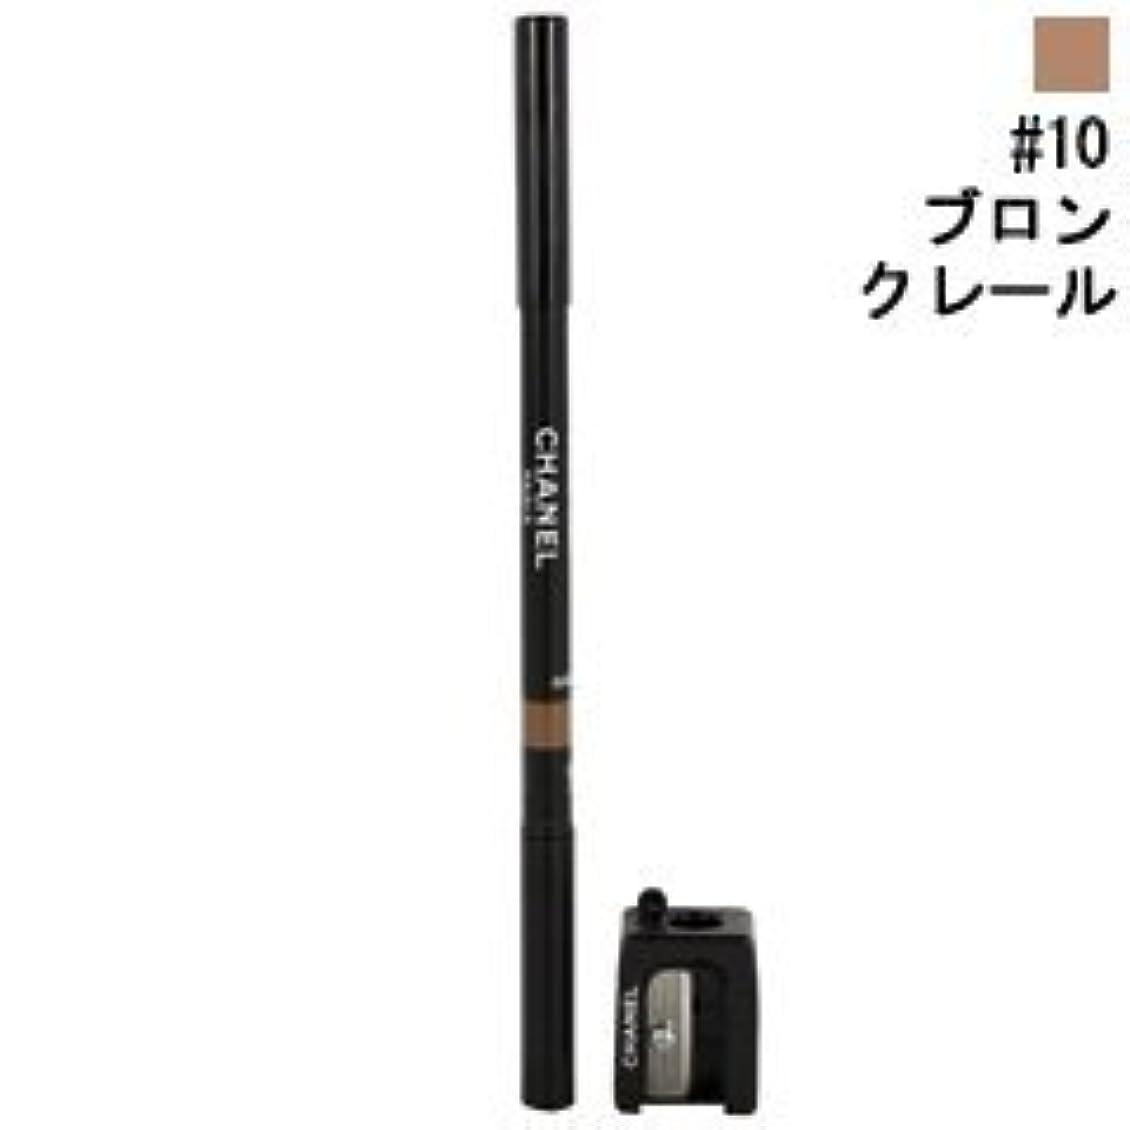 カーテン支払ううまくやる()【シャネル】クレイヨン スルスィル #10 ブロン クレール 1g (並行輸入品)